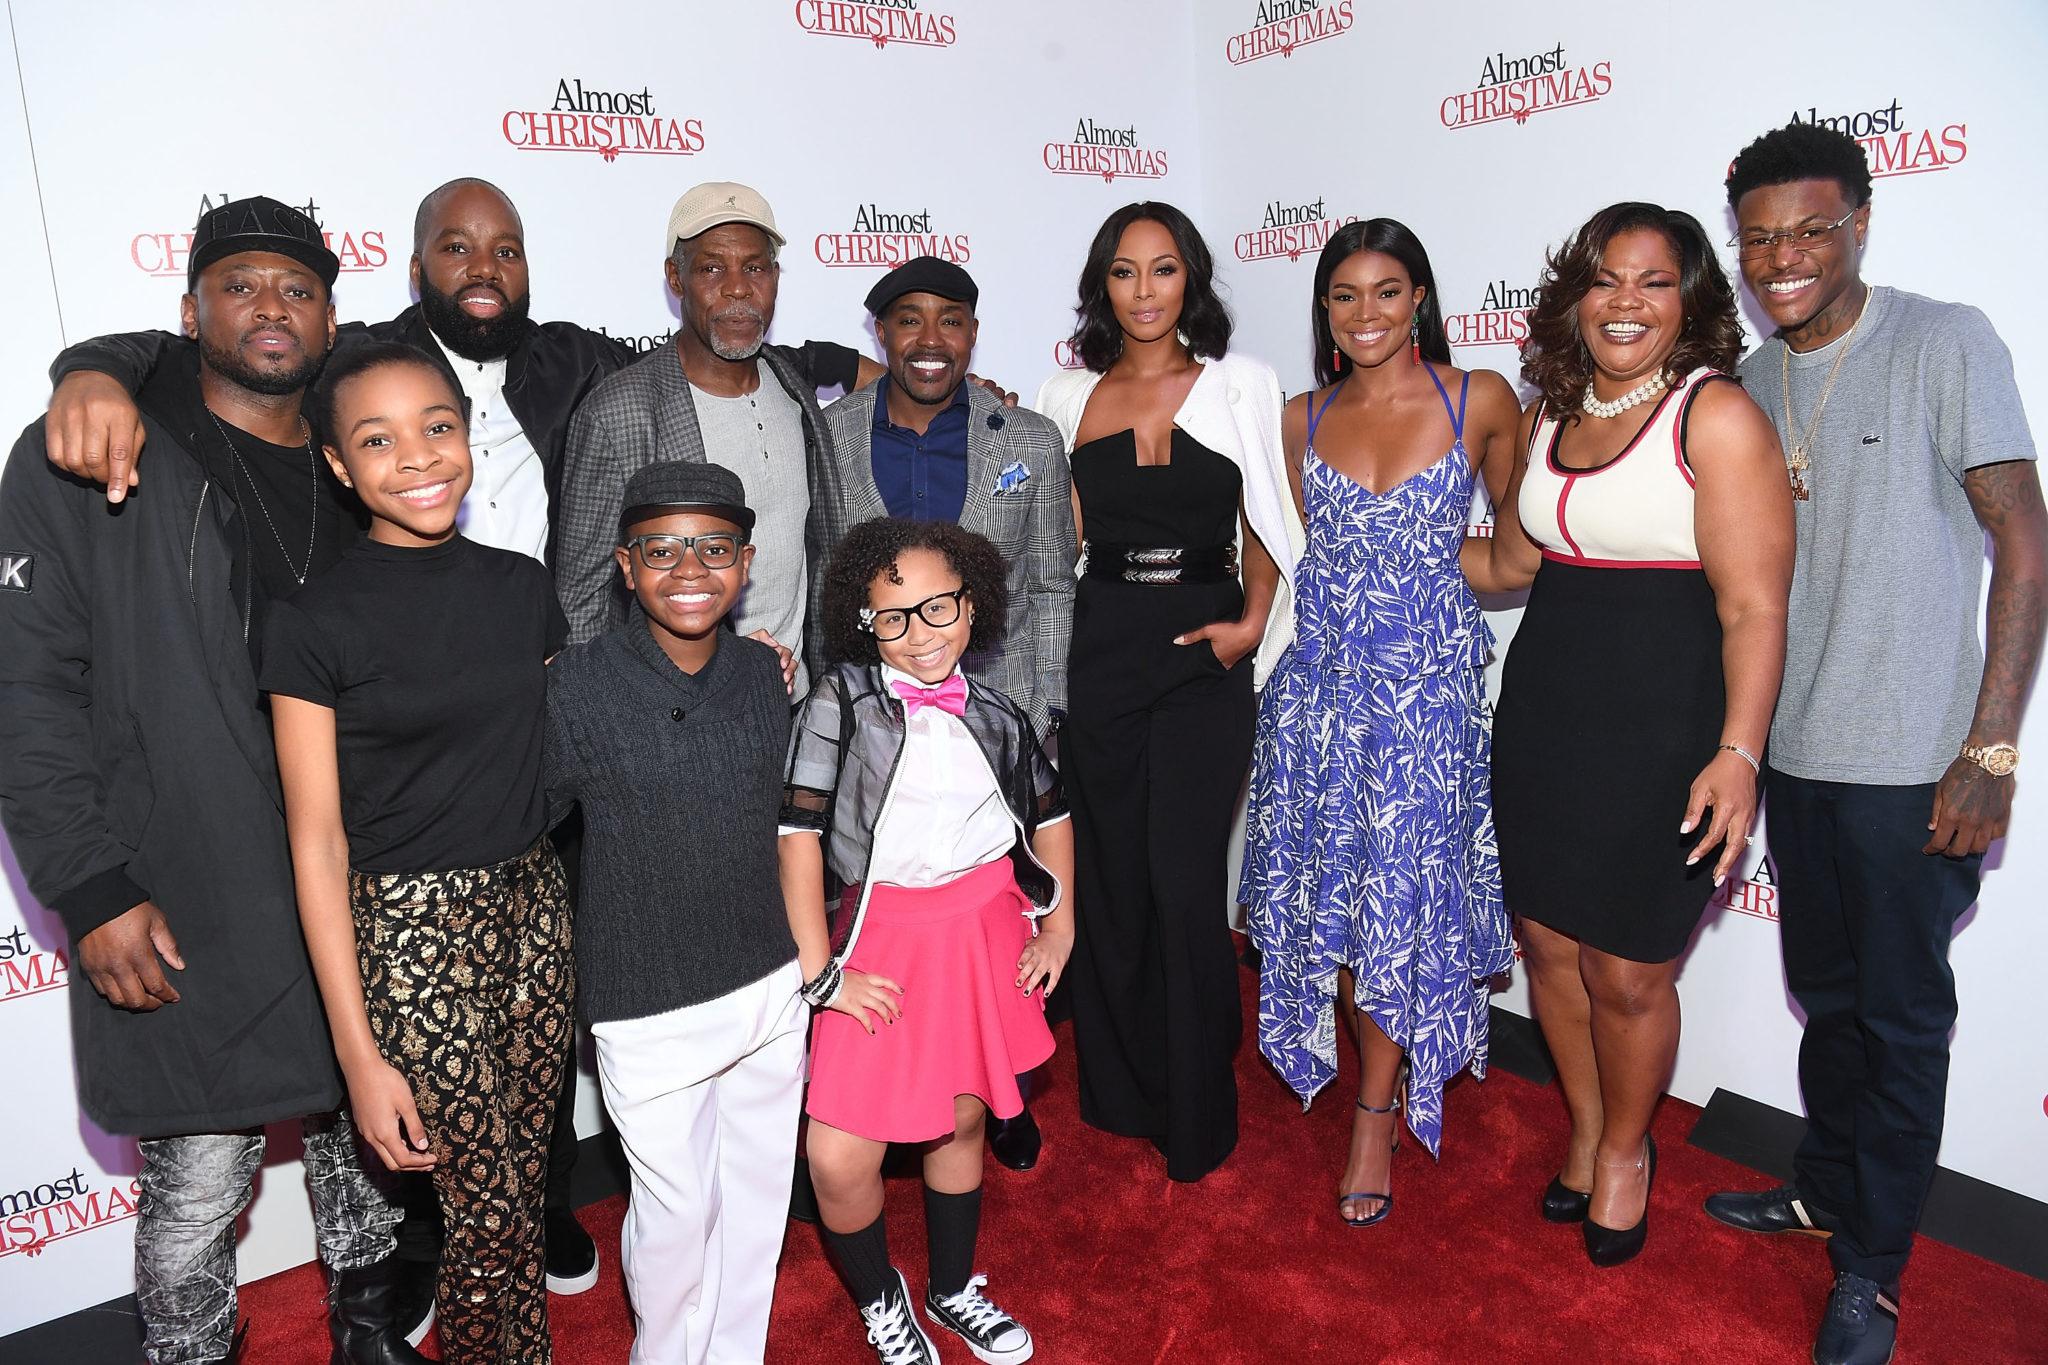 'ALMOST CHRISTMAS' Atlanta Red Carpet Screening